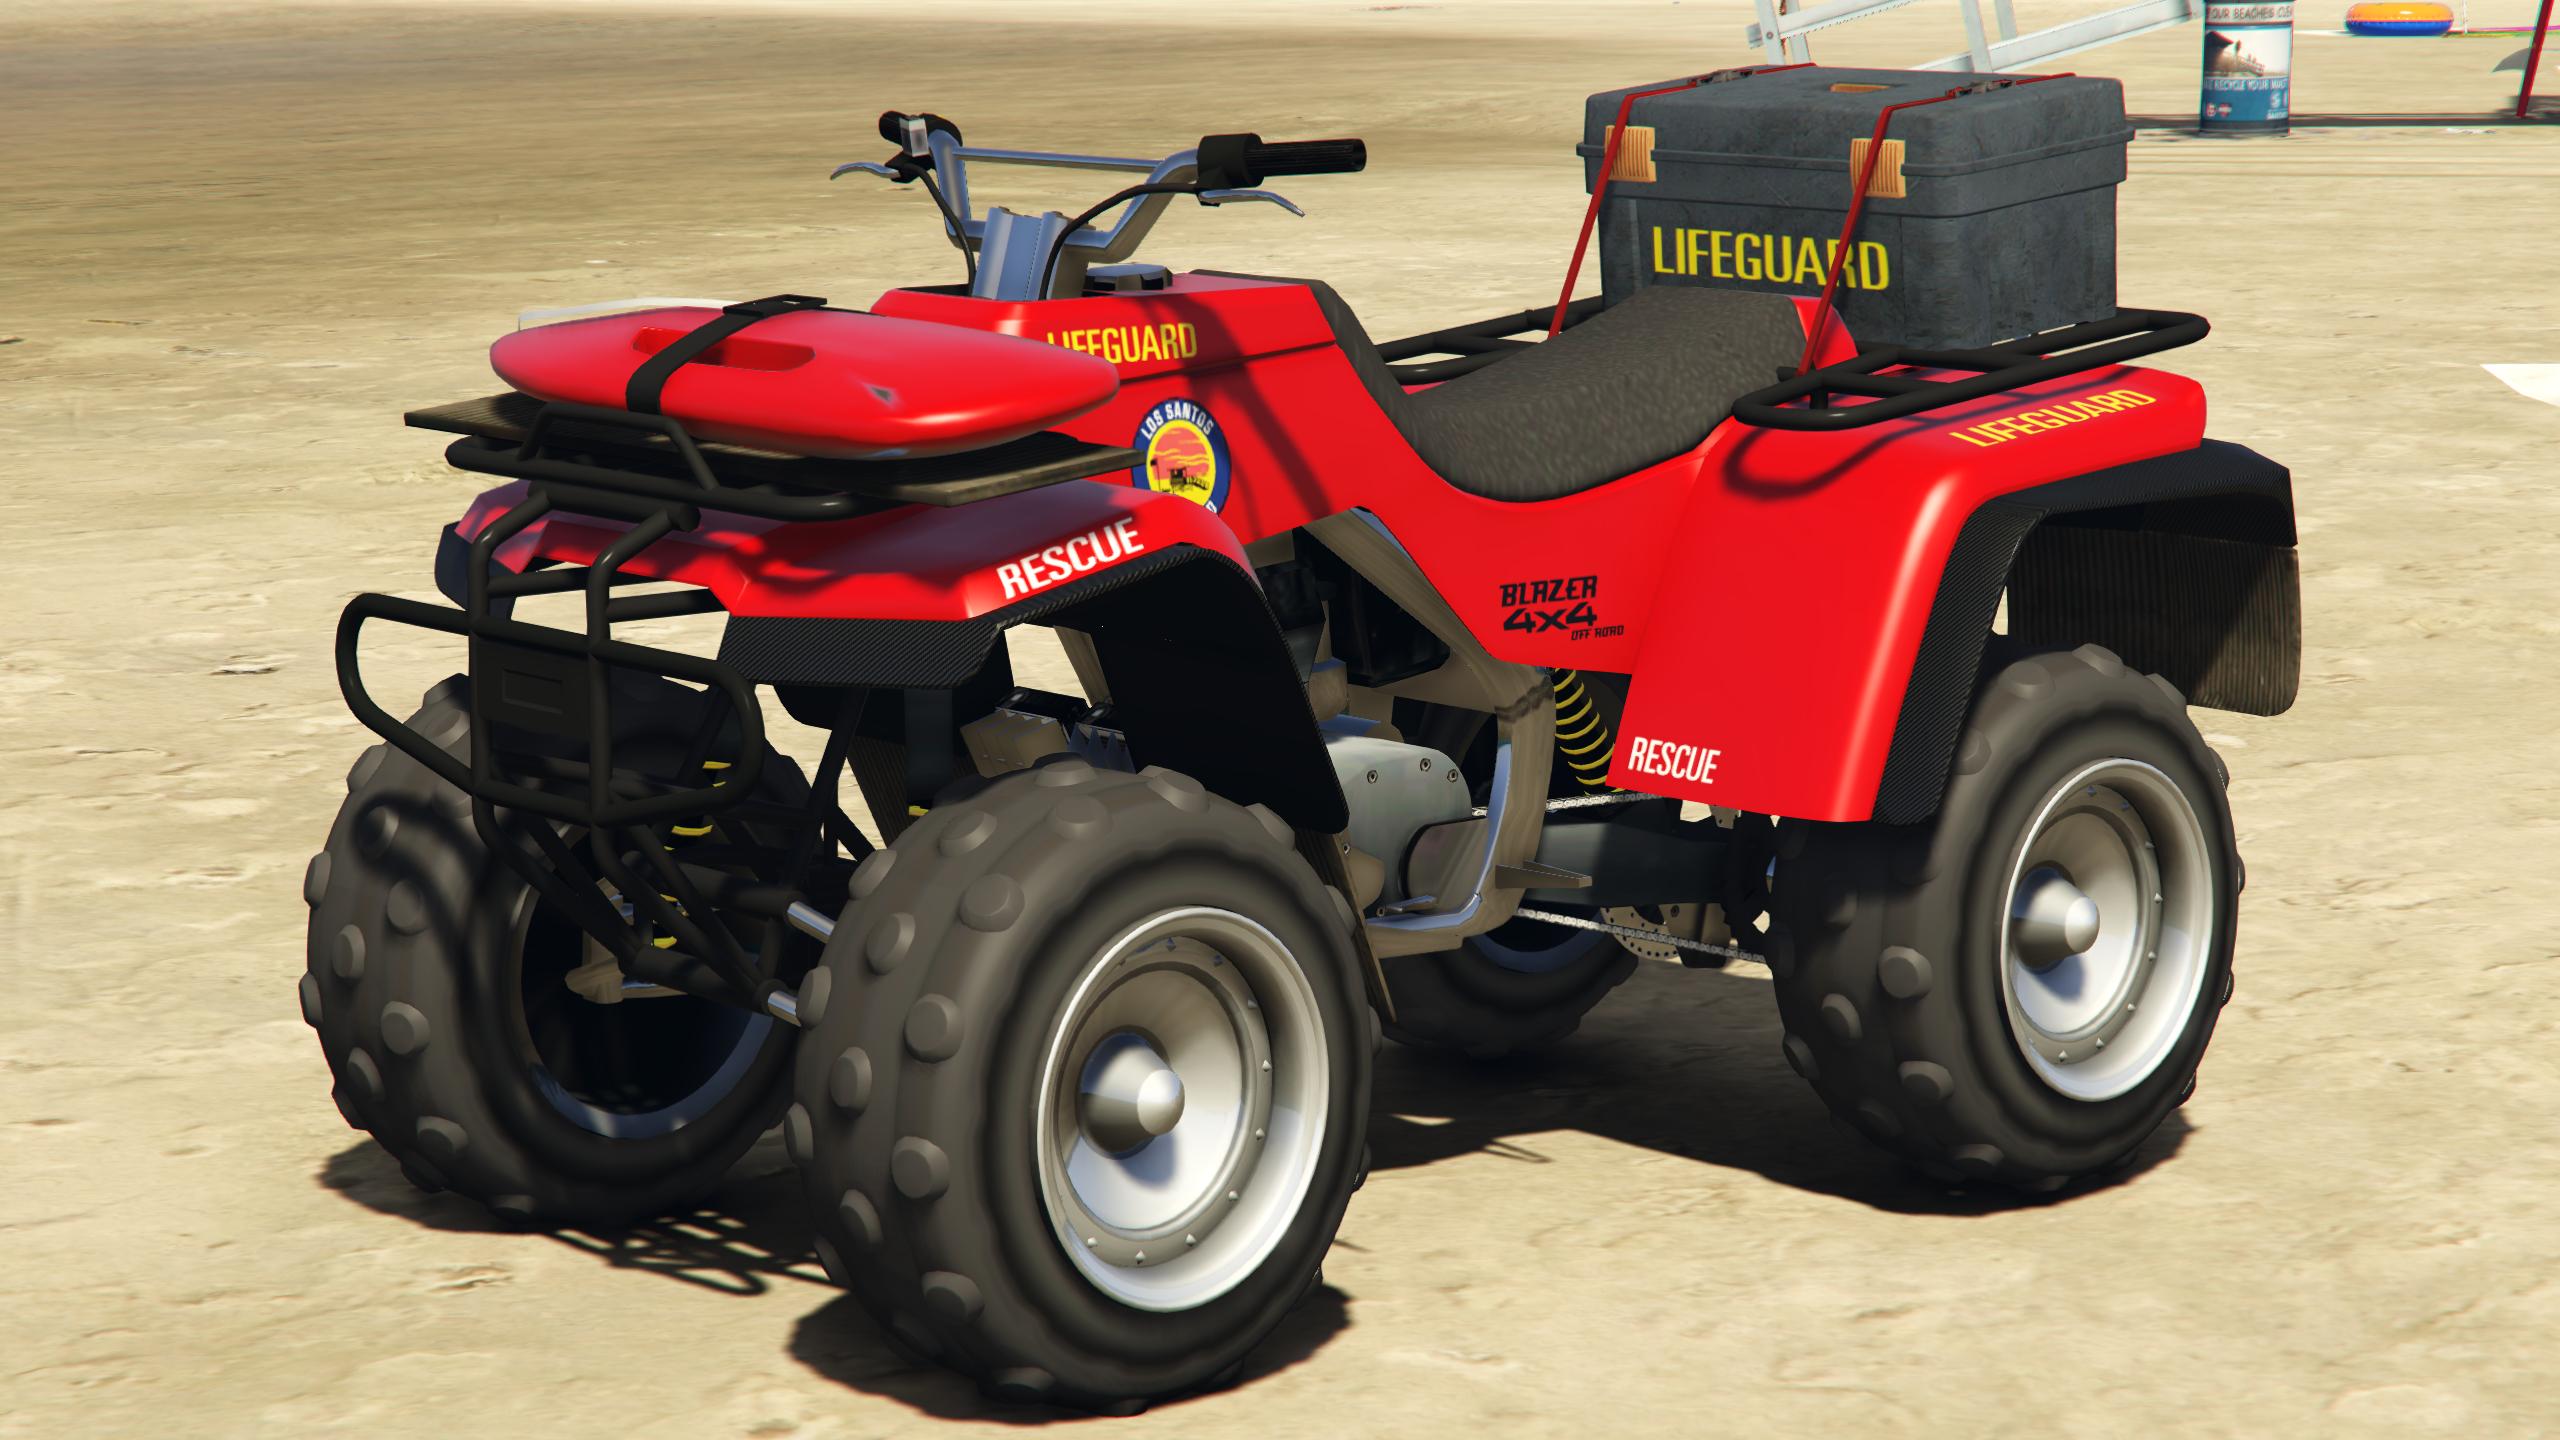 Car sticker design jb - A Blazer Lifeguard In Grand Theft Auto V Rear Quarter View